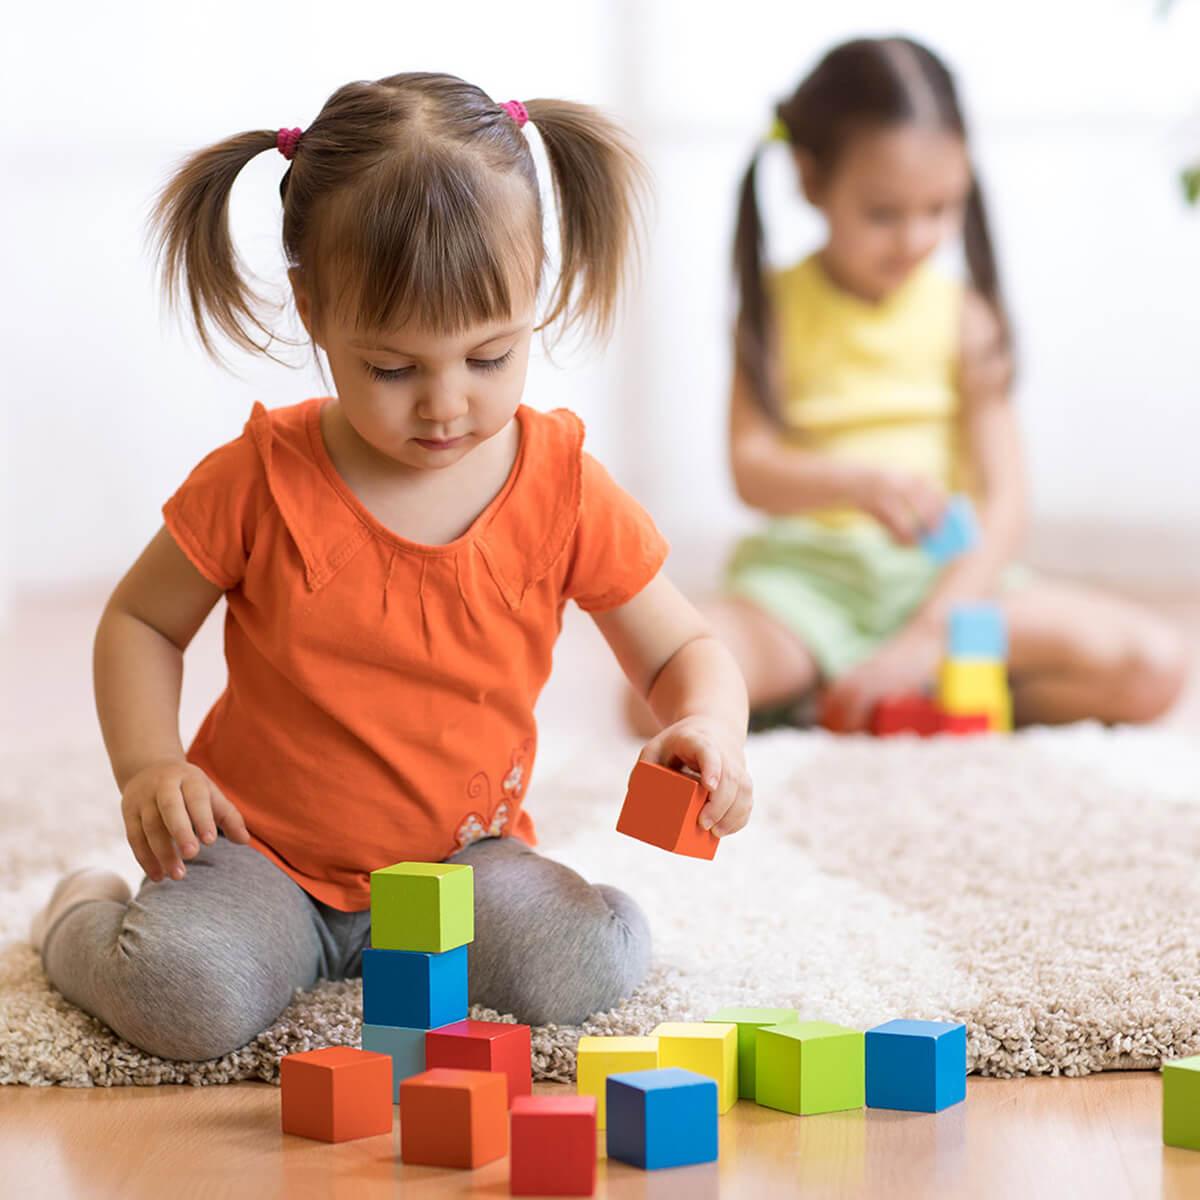 مراحل رشد و تکامل کودک